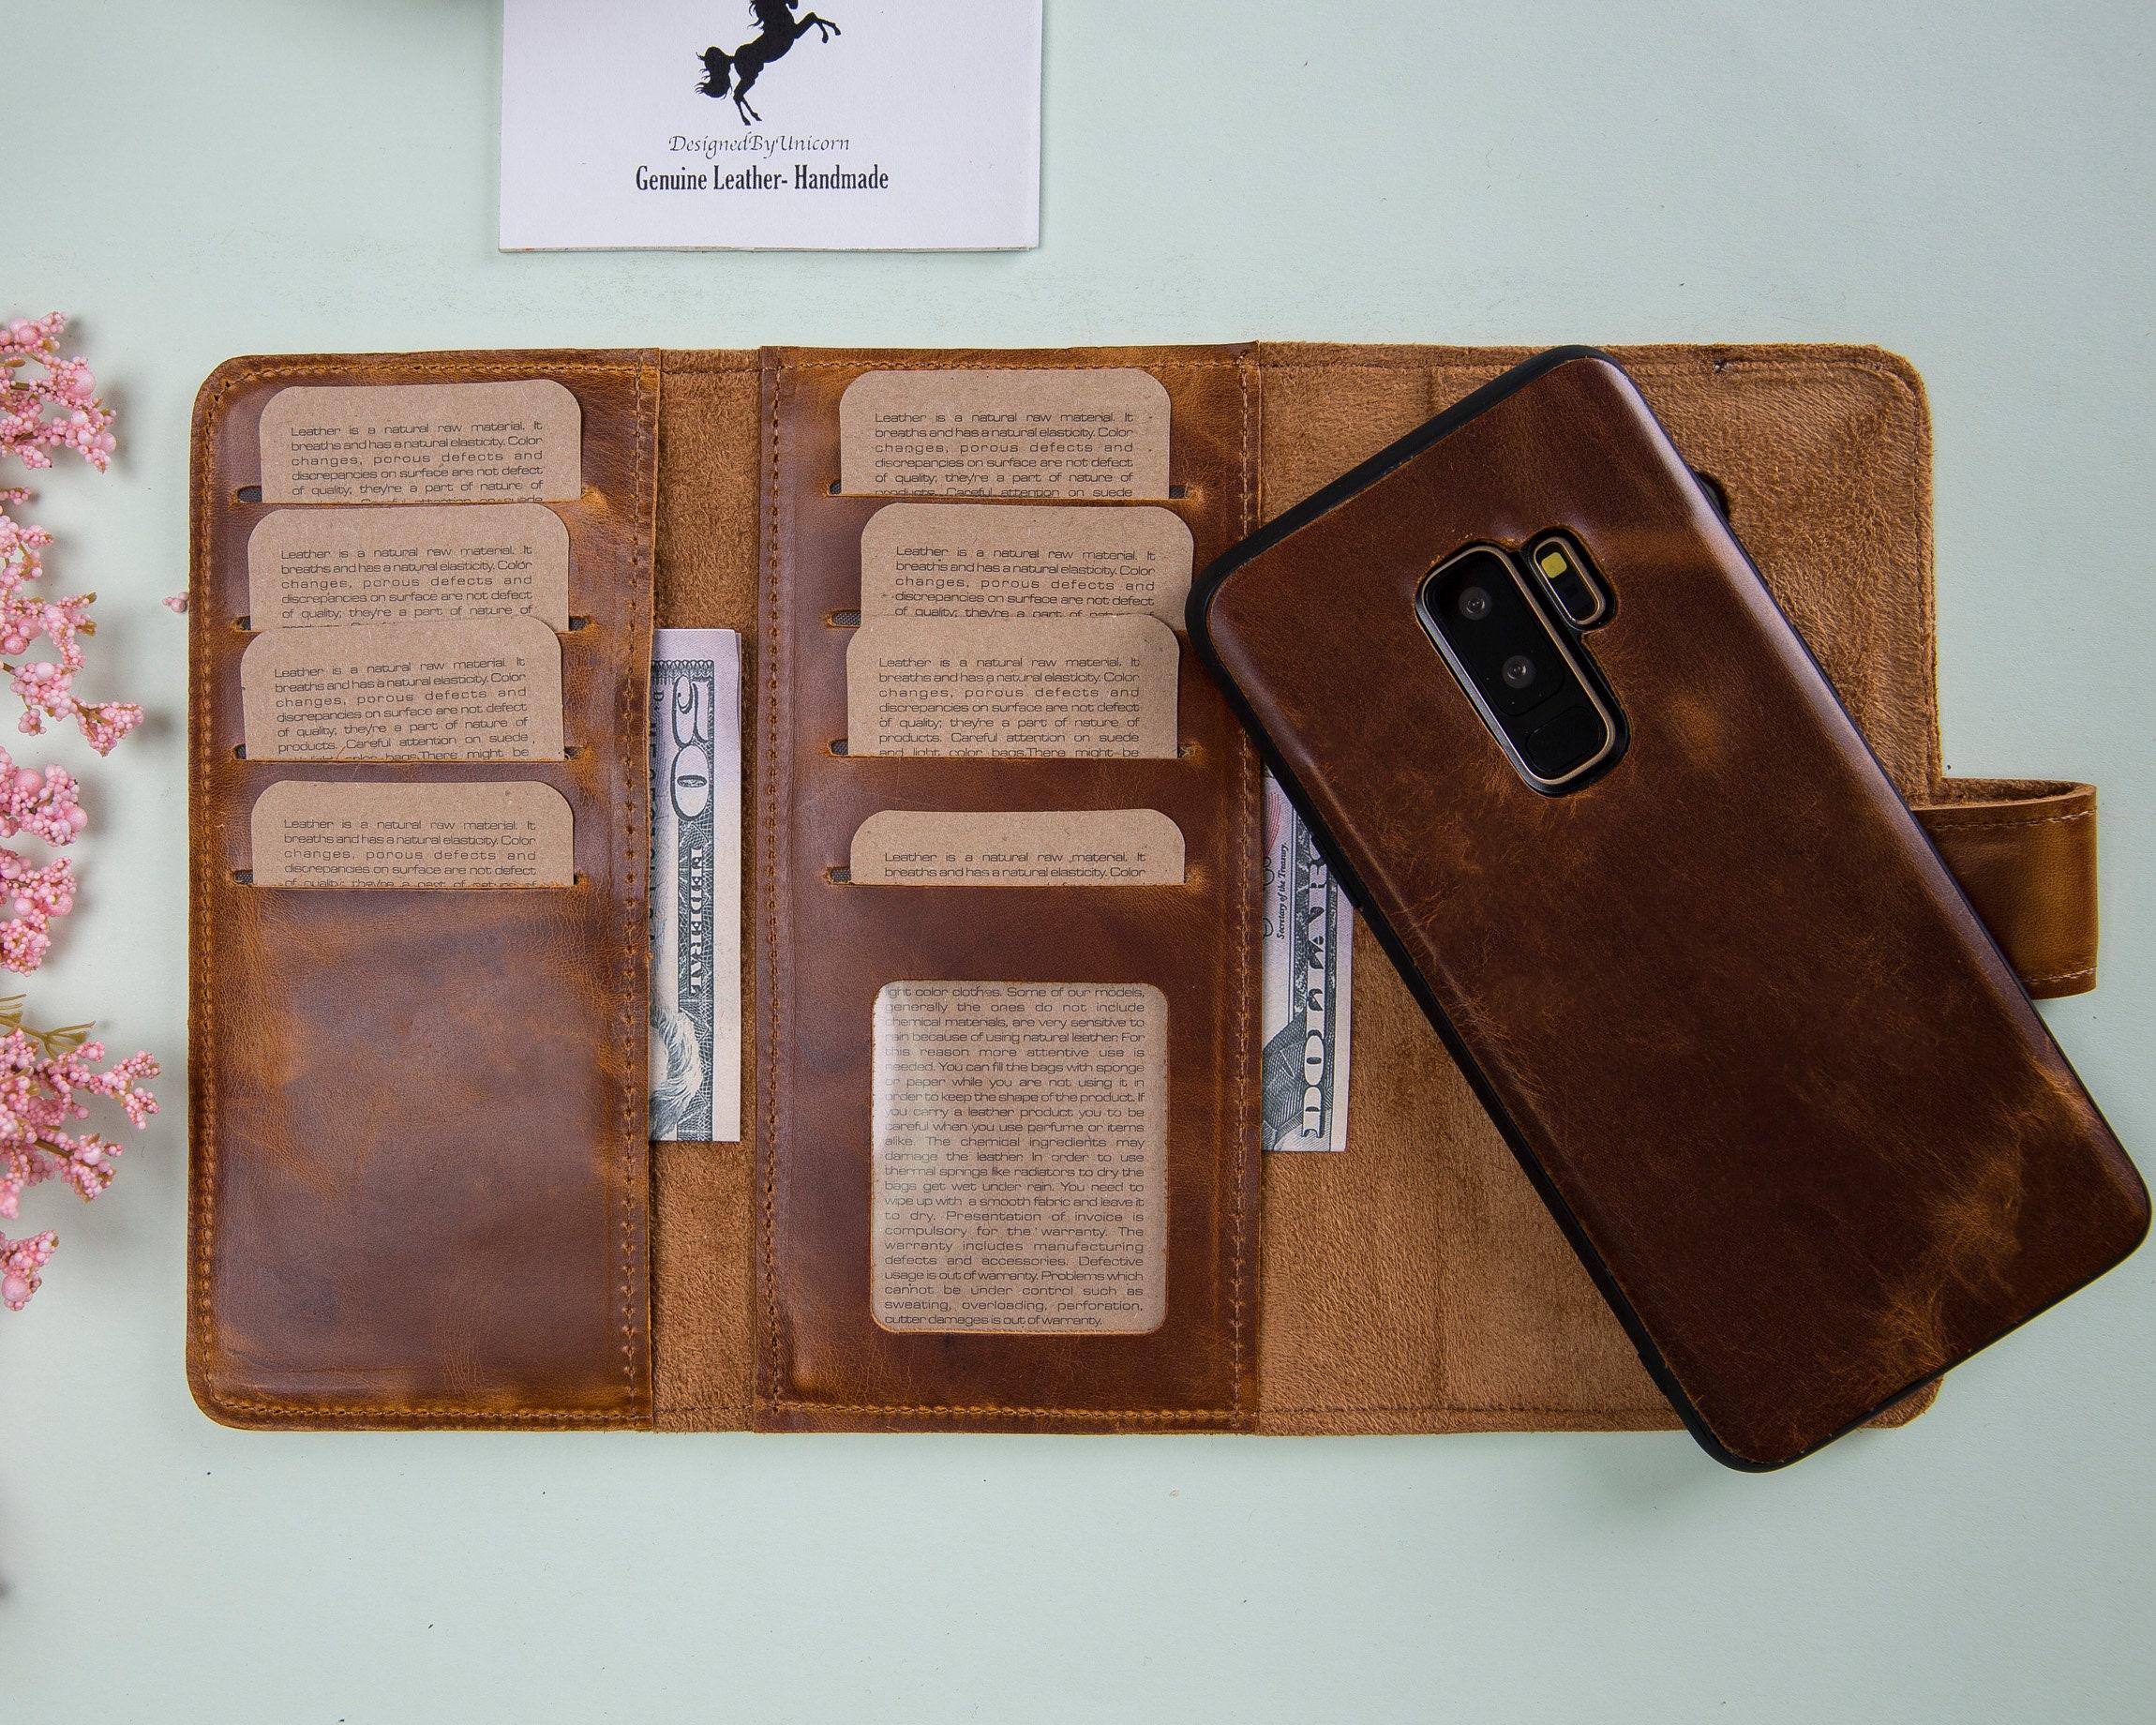 db51967b097a Samsung Galaxy S9 Plus Tan Leather Case, Galaxy S9 Case, Case For Galaxy  S9, Case For S9 Plus, Leather S9 Plus Wallet Case, Galaxy S9 Wallet